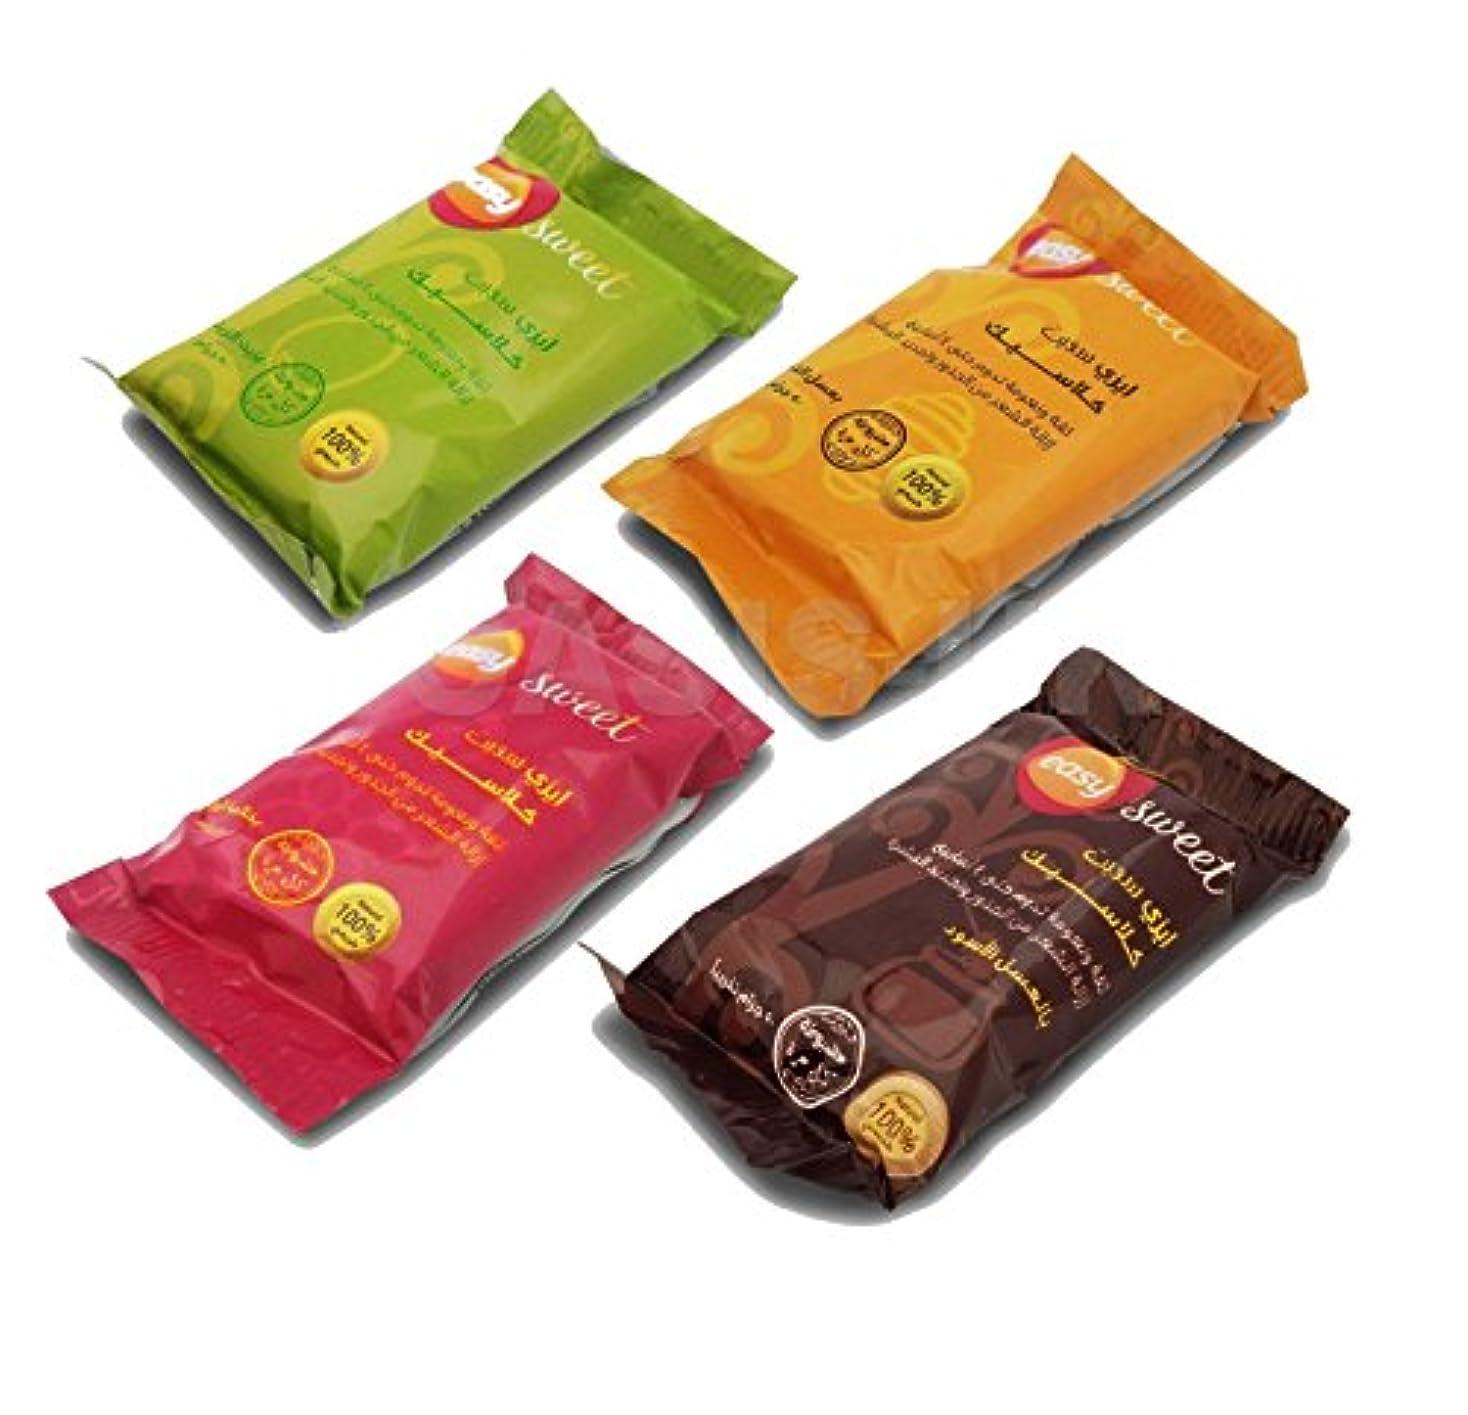 器具機会インターネット4 X 50 gm Sweet Packets Sugaring Sugar Wax Hair Removal 100% Natural All Essence